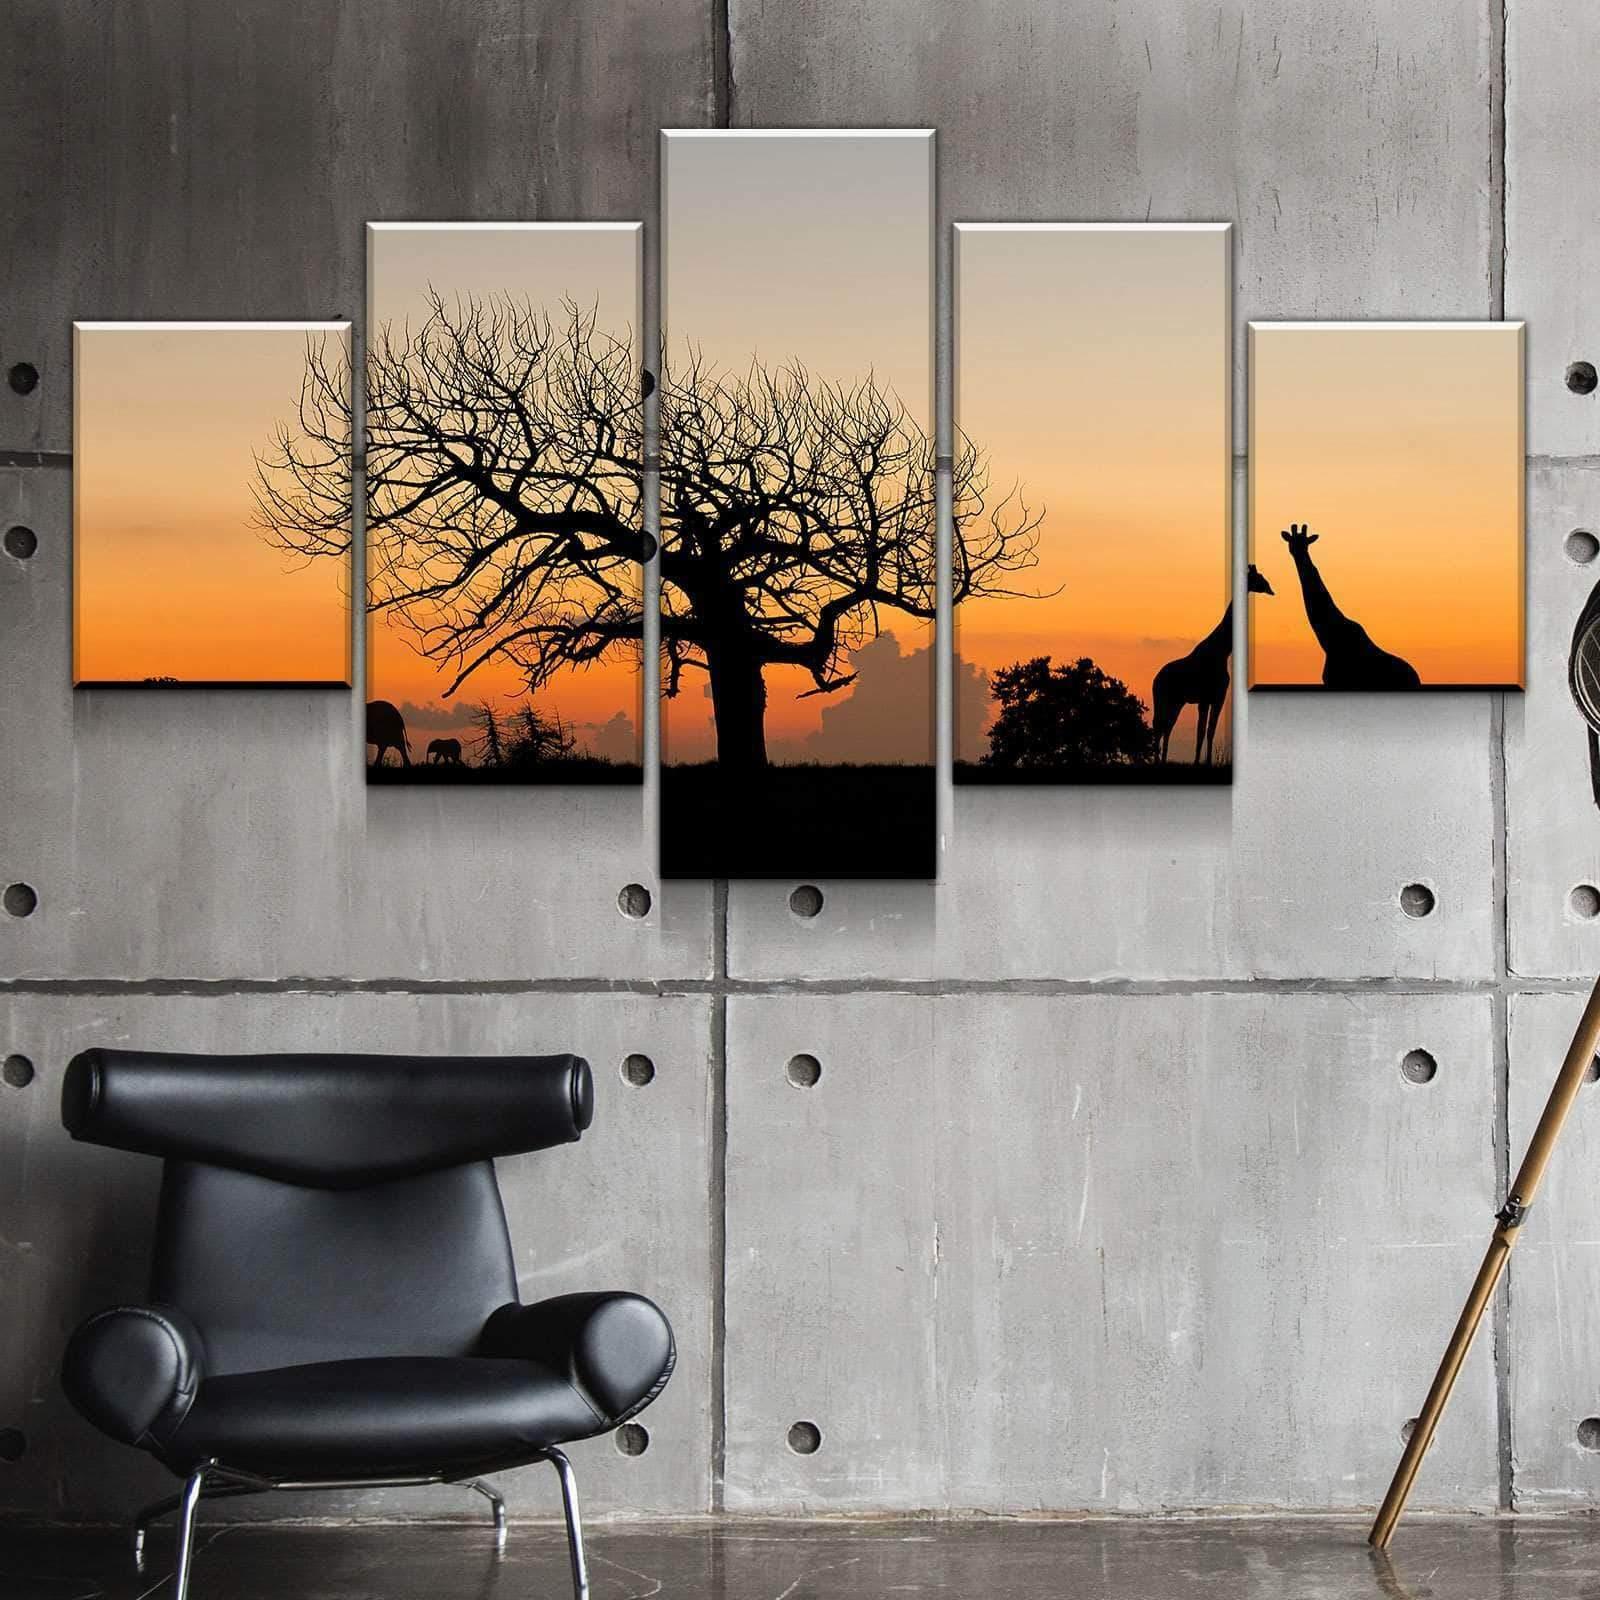 African Savanna giraffe 5 panel canvas Wall Art Home Decor Poster Print